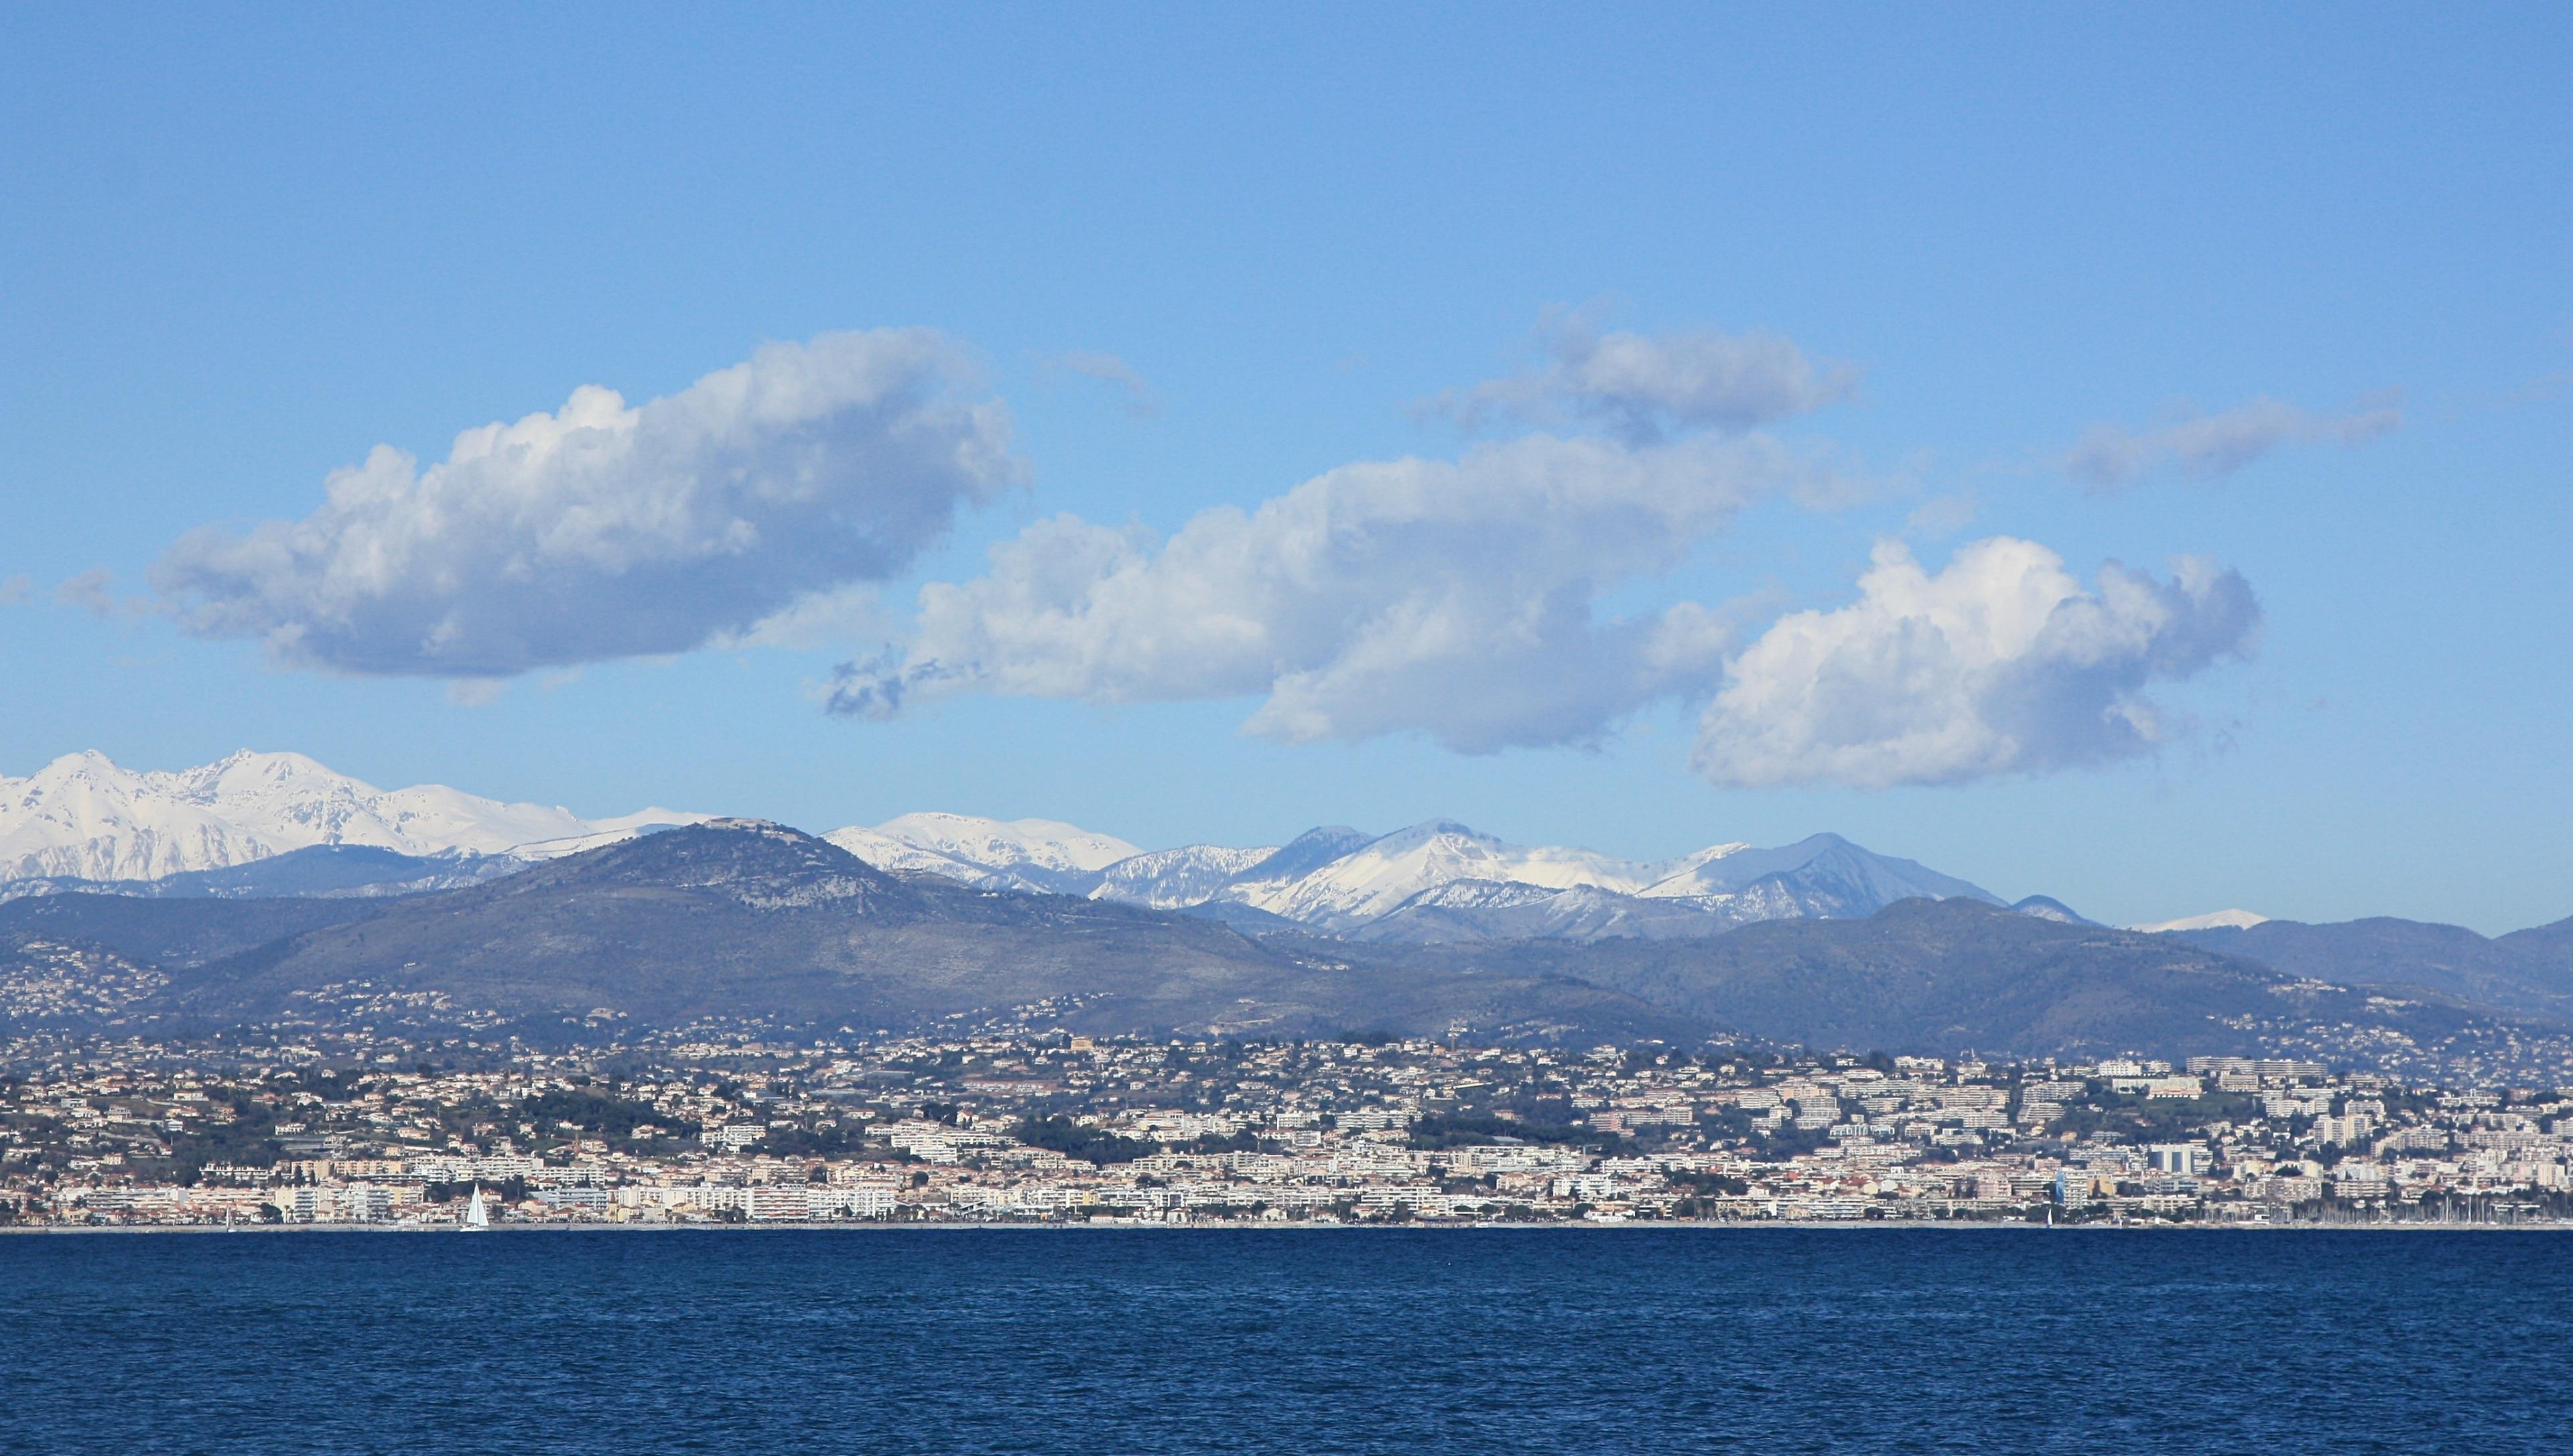 Plaine de la Brague, Antibes, Alpes-Maritimes, France